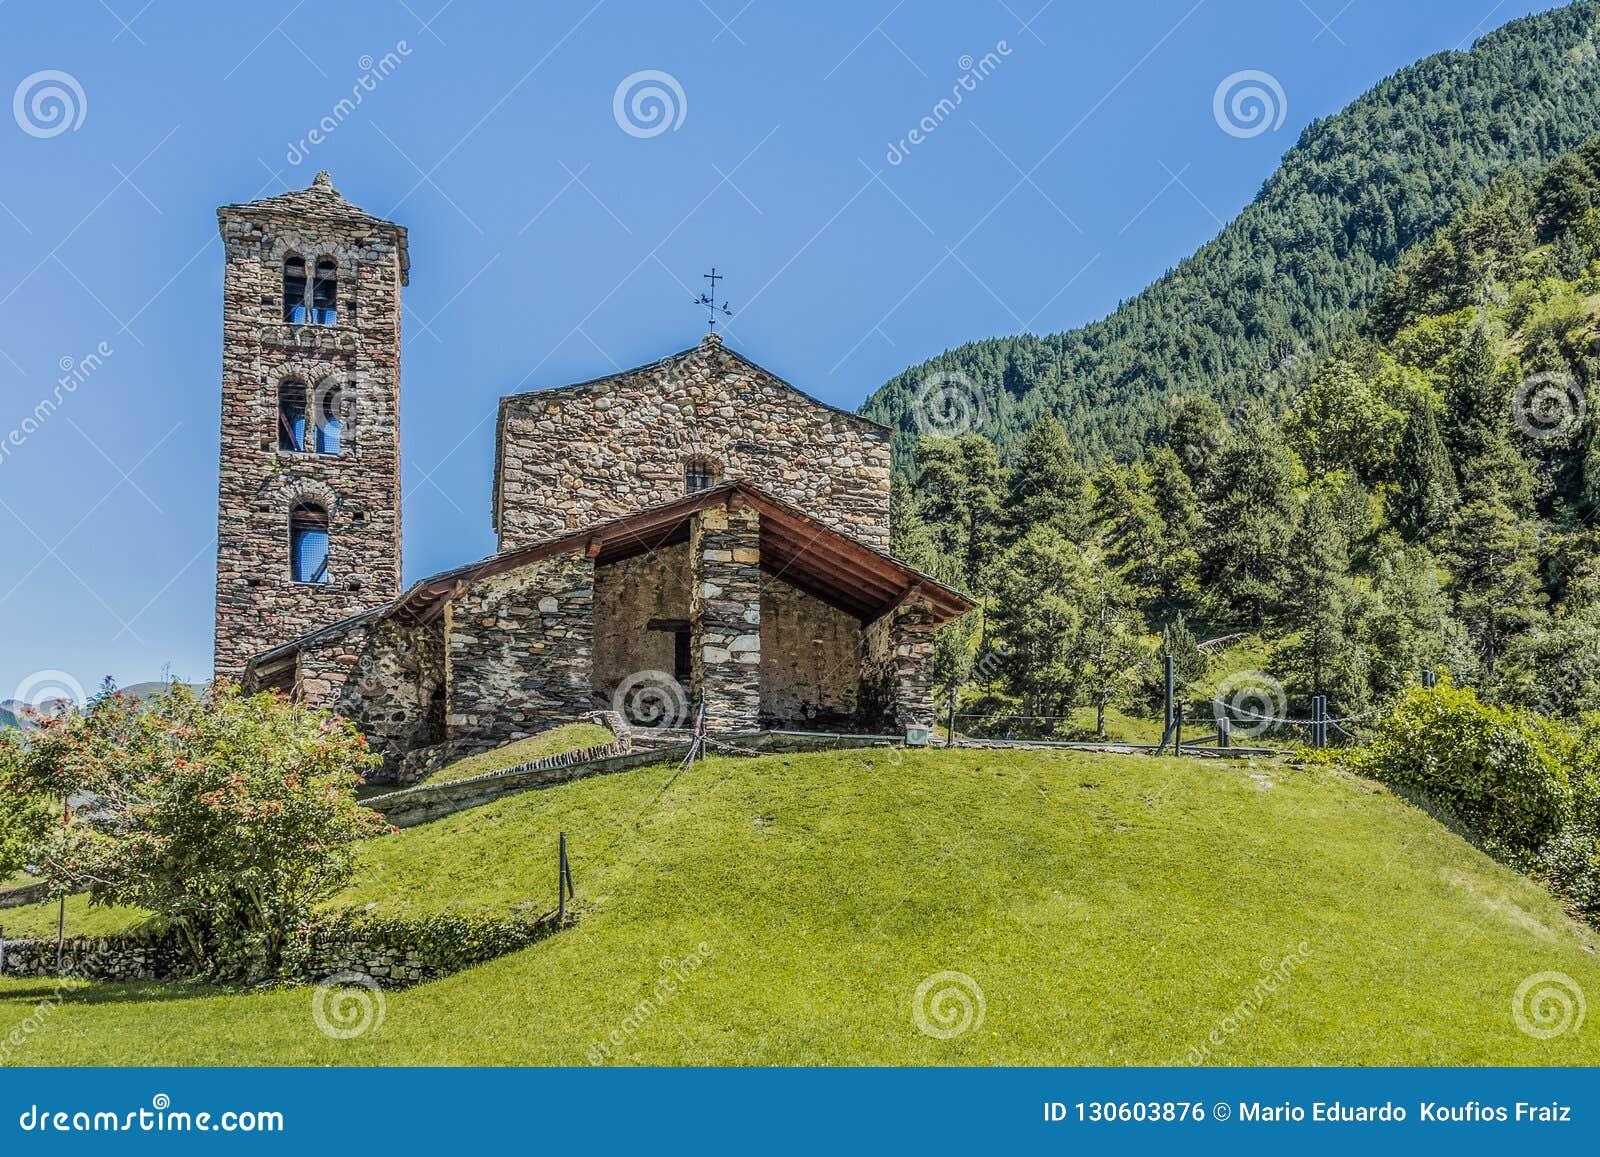 Gipfel und Steinkirchenfassade in den Pyrenäen Andorra Europa